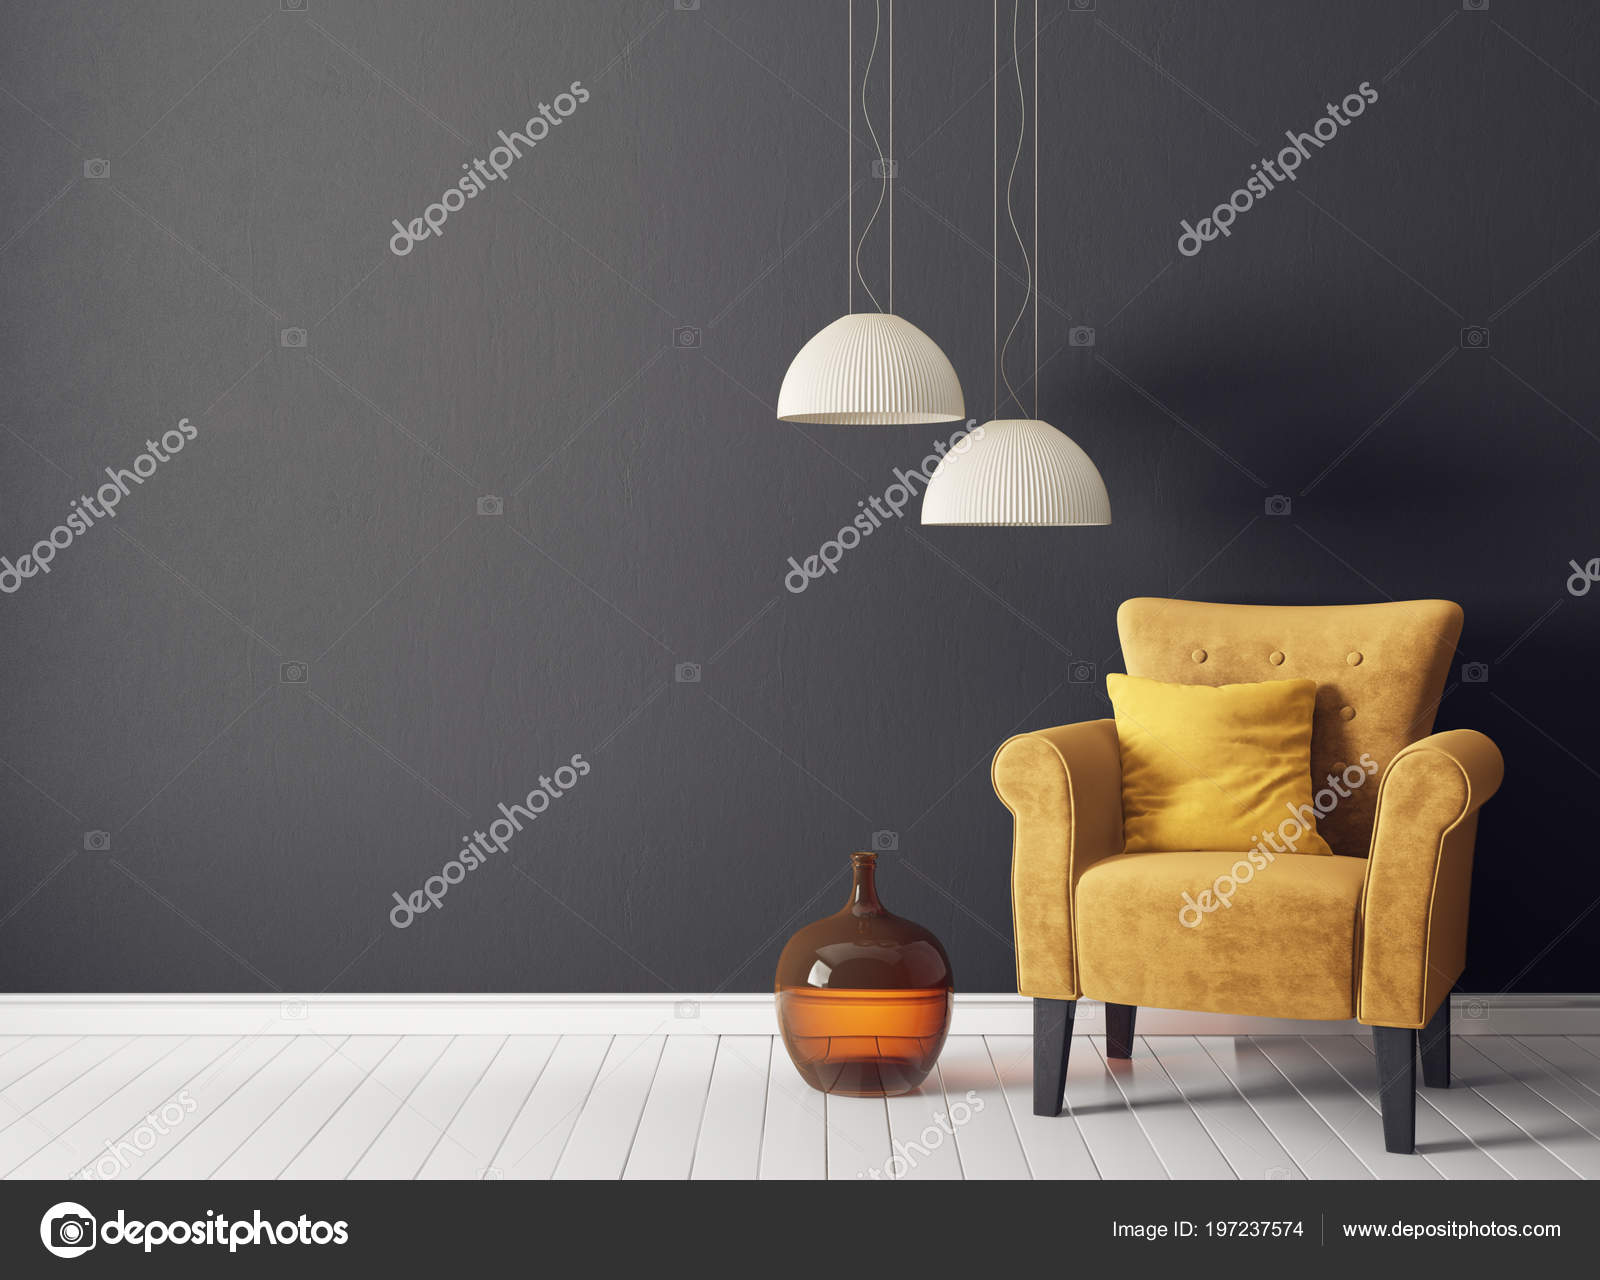 Lampen Scandinavisch Interieur : Moderne woonkamer met gele leunstoel lamp scandinavisch interieur